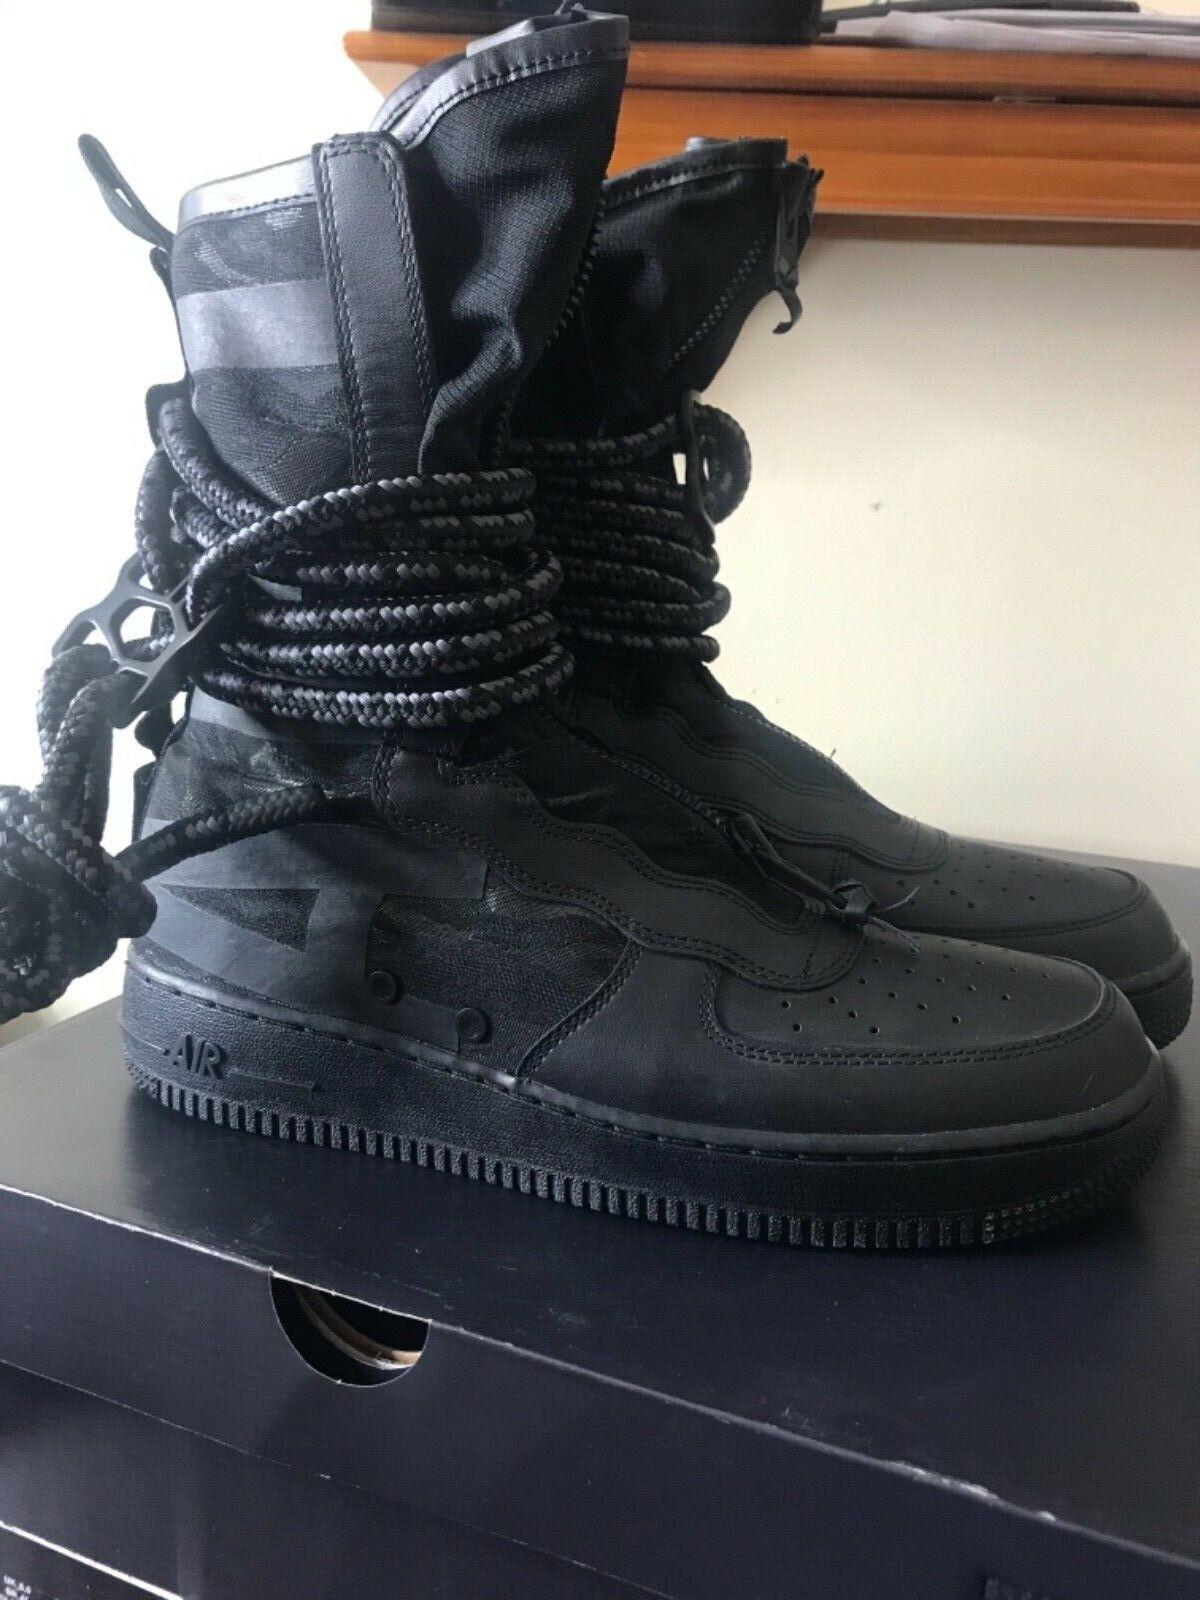 Nike SF AF1 Hi Special Force Air Force Black Grey  Mens 9.5 10.5 AA1128-002